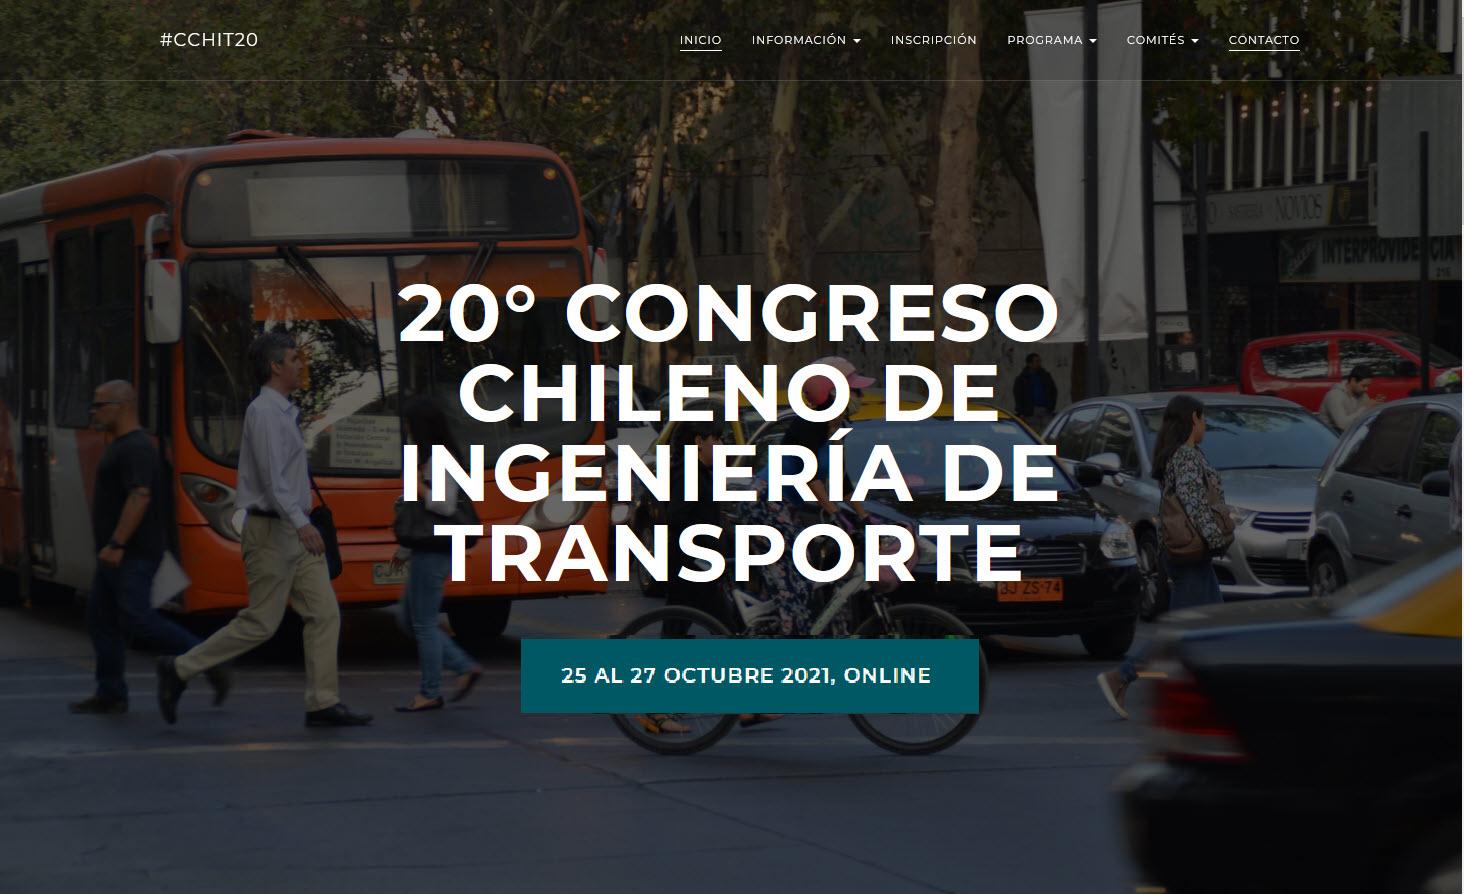 20° Congreso Chileno de Ingeniería de Transporte